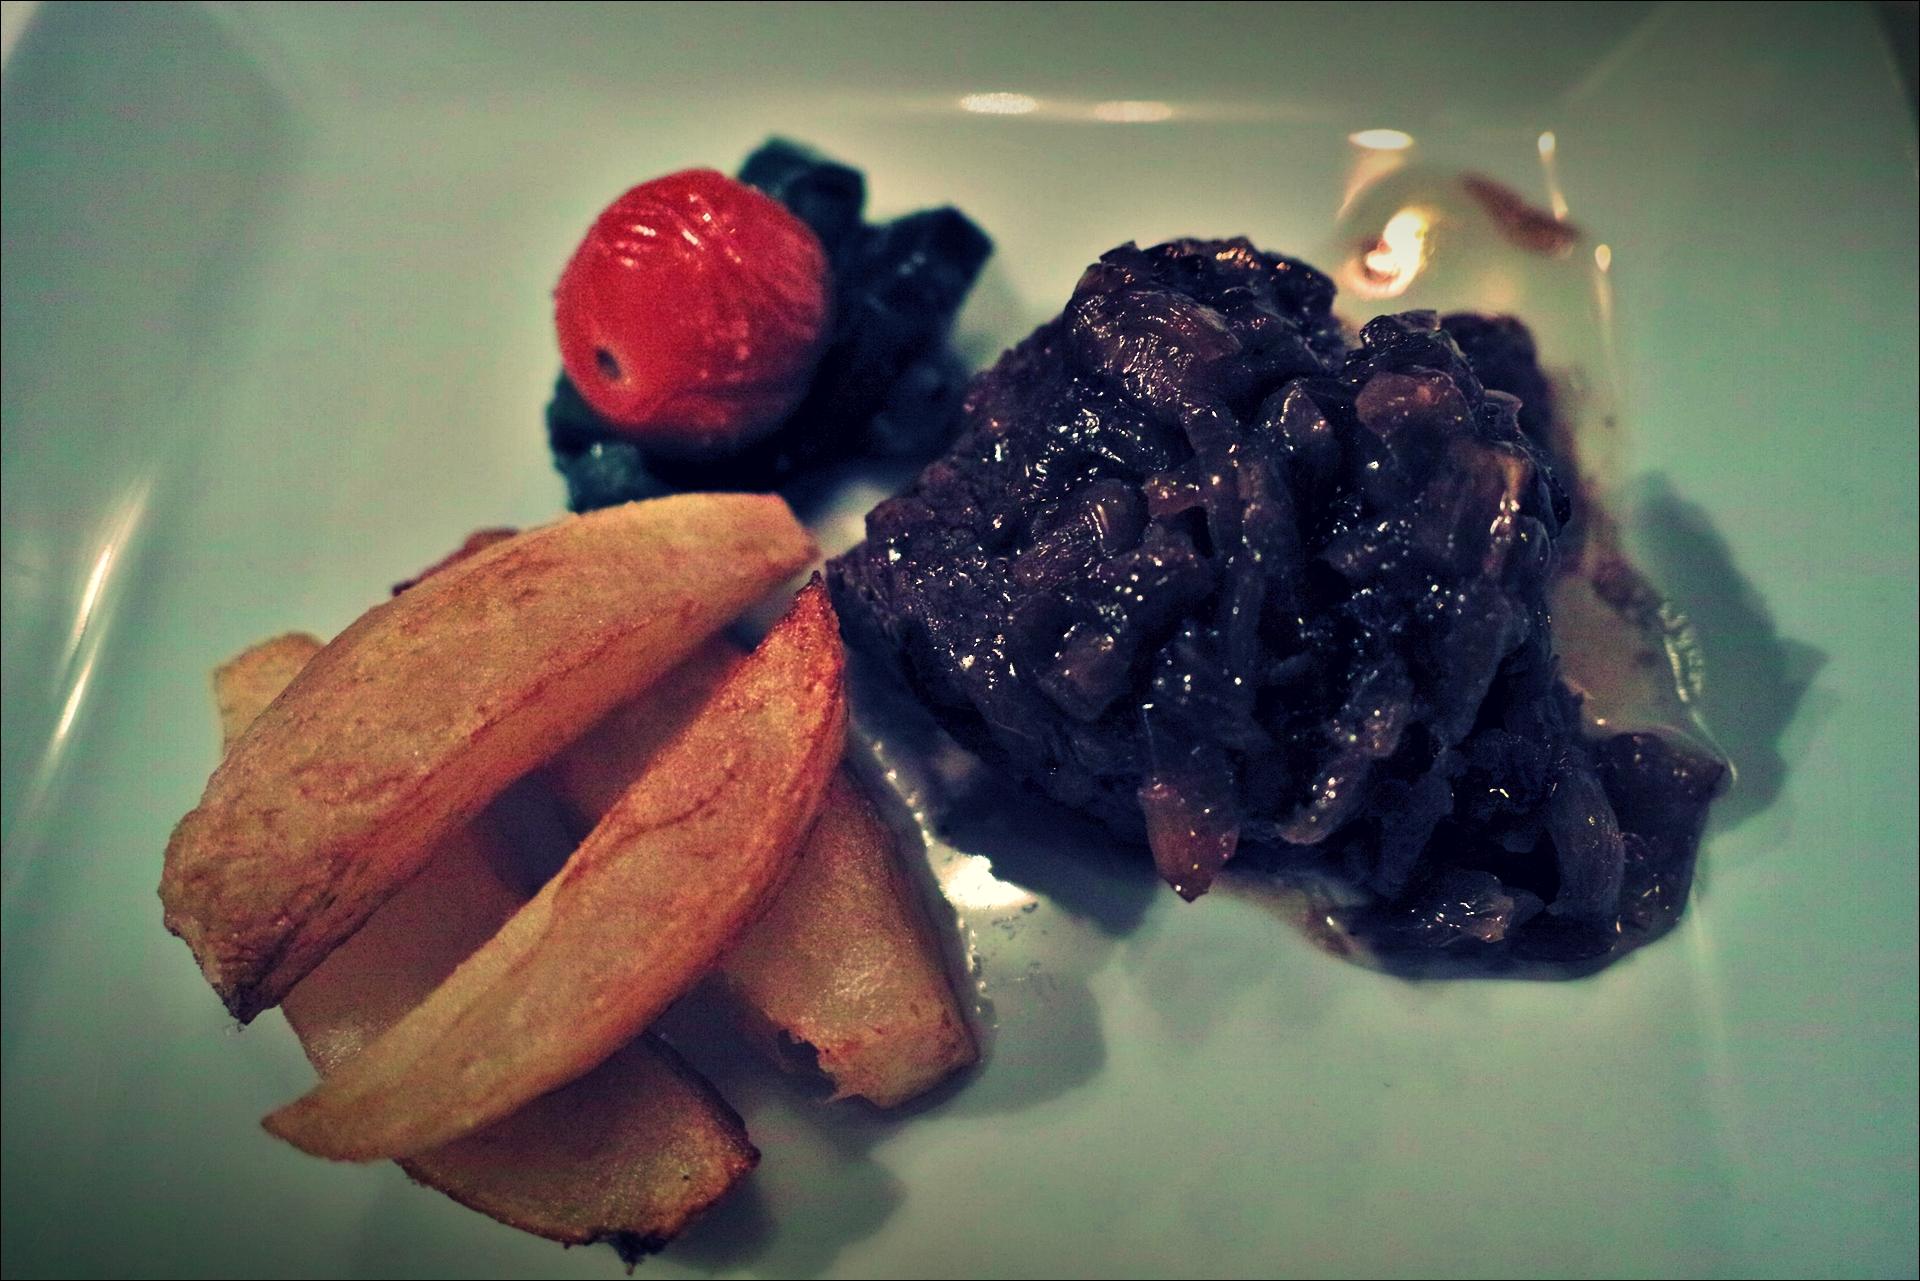 고기-'자카란다 레스토랑, 산탄데르(Restaurante Jacaranda, Santander)'